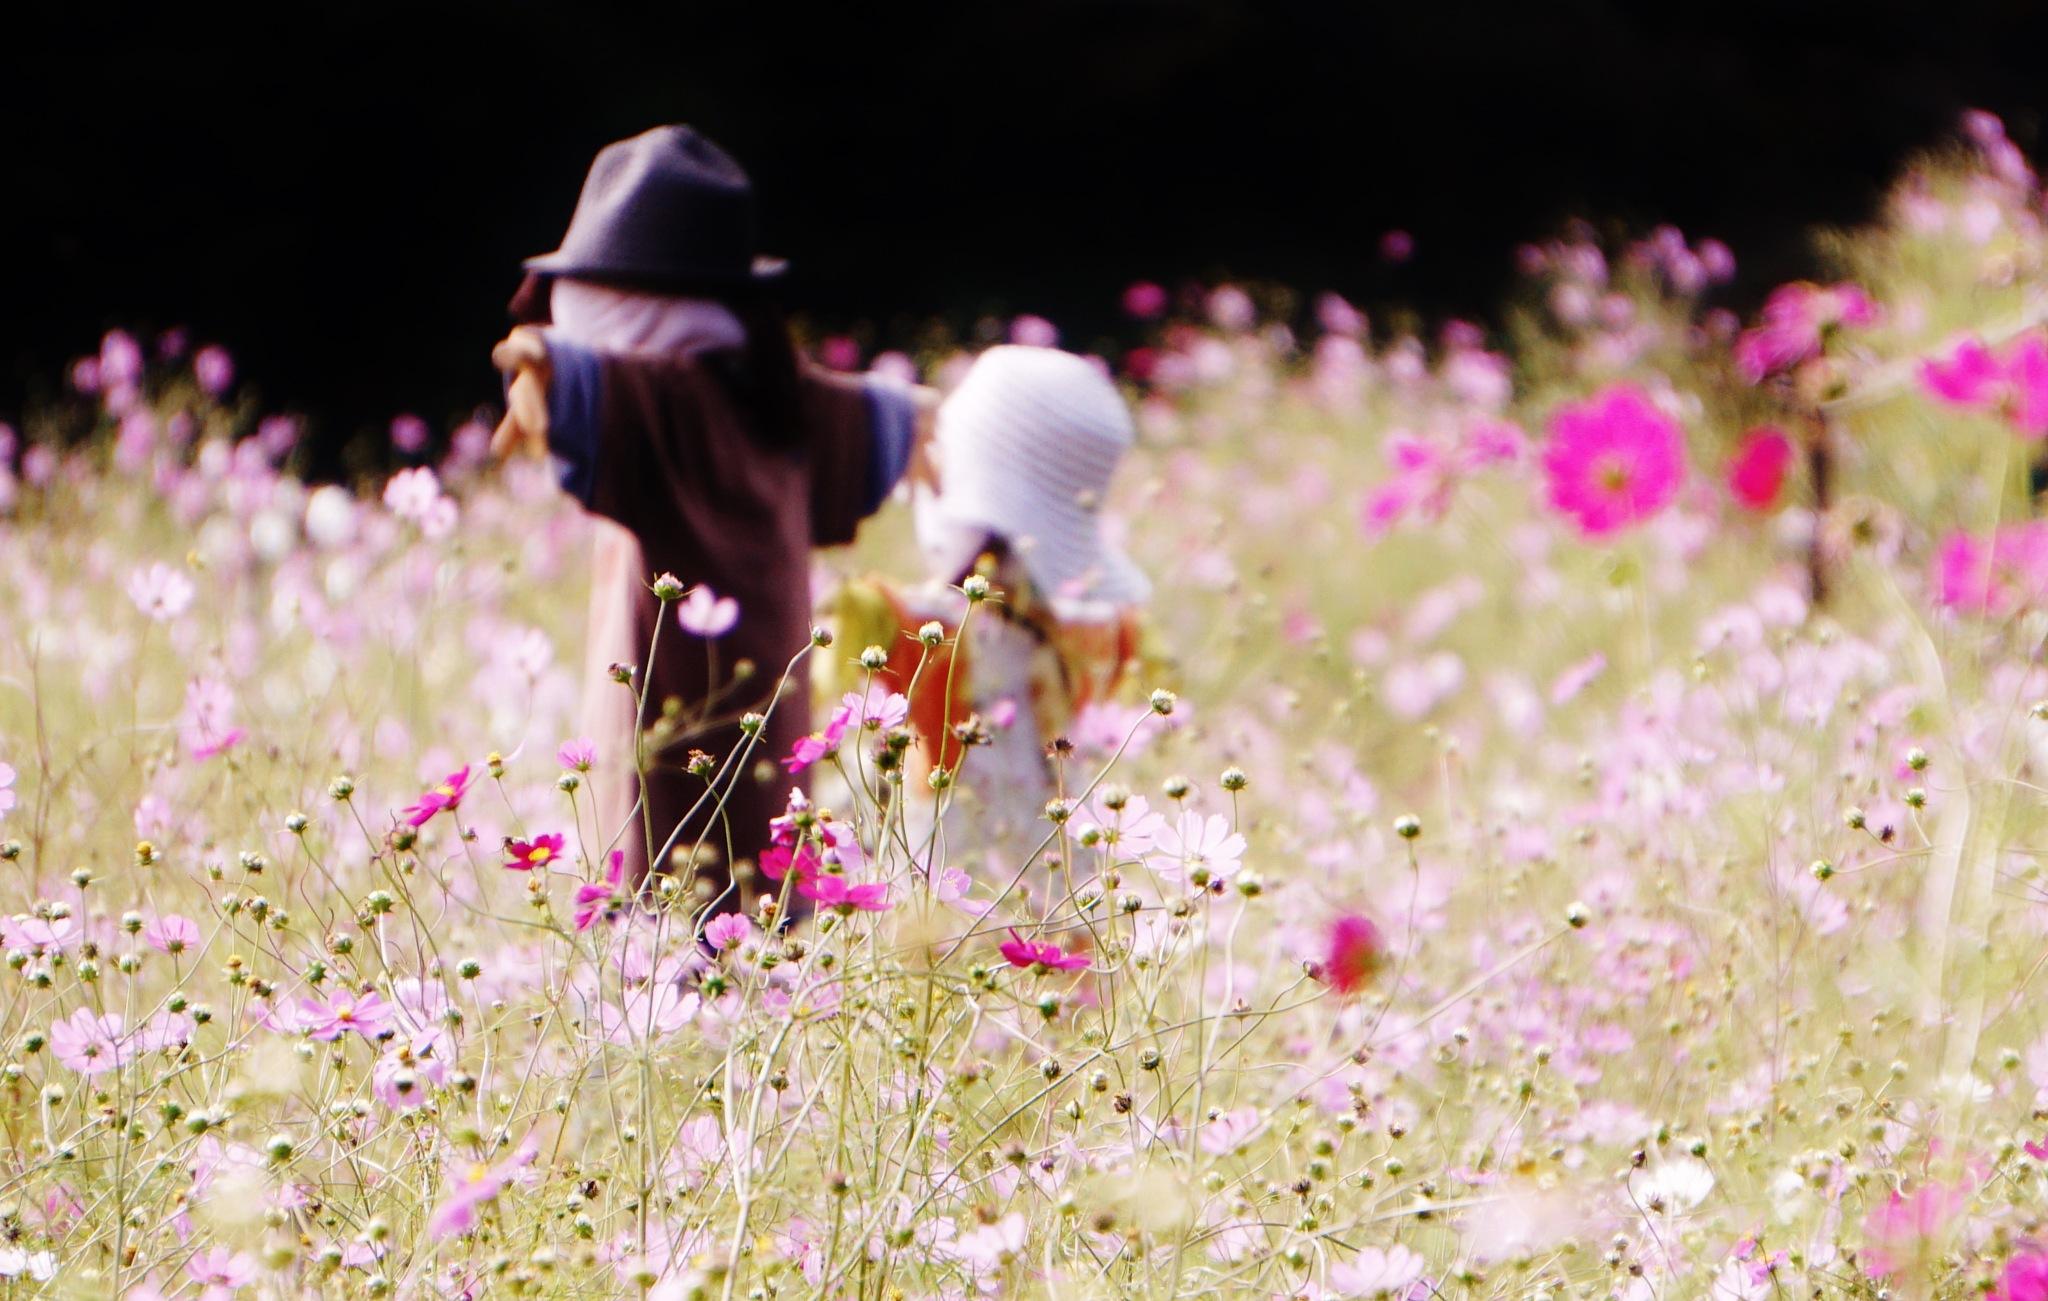 Untitled by IchiroTanaka